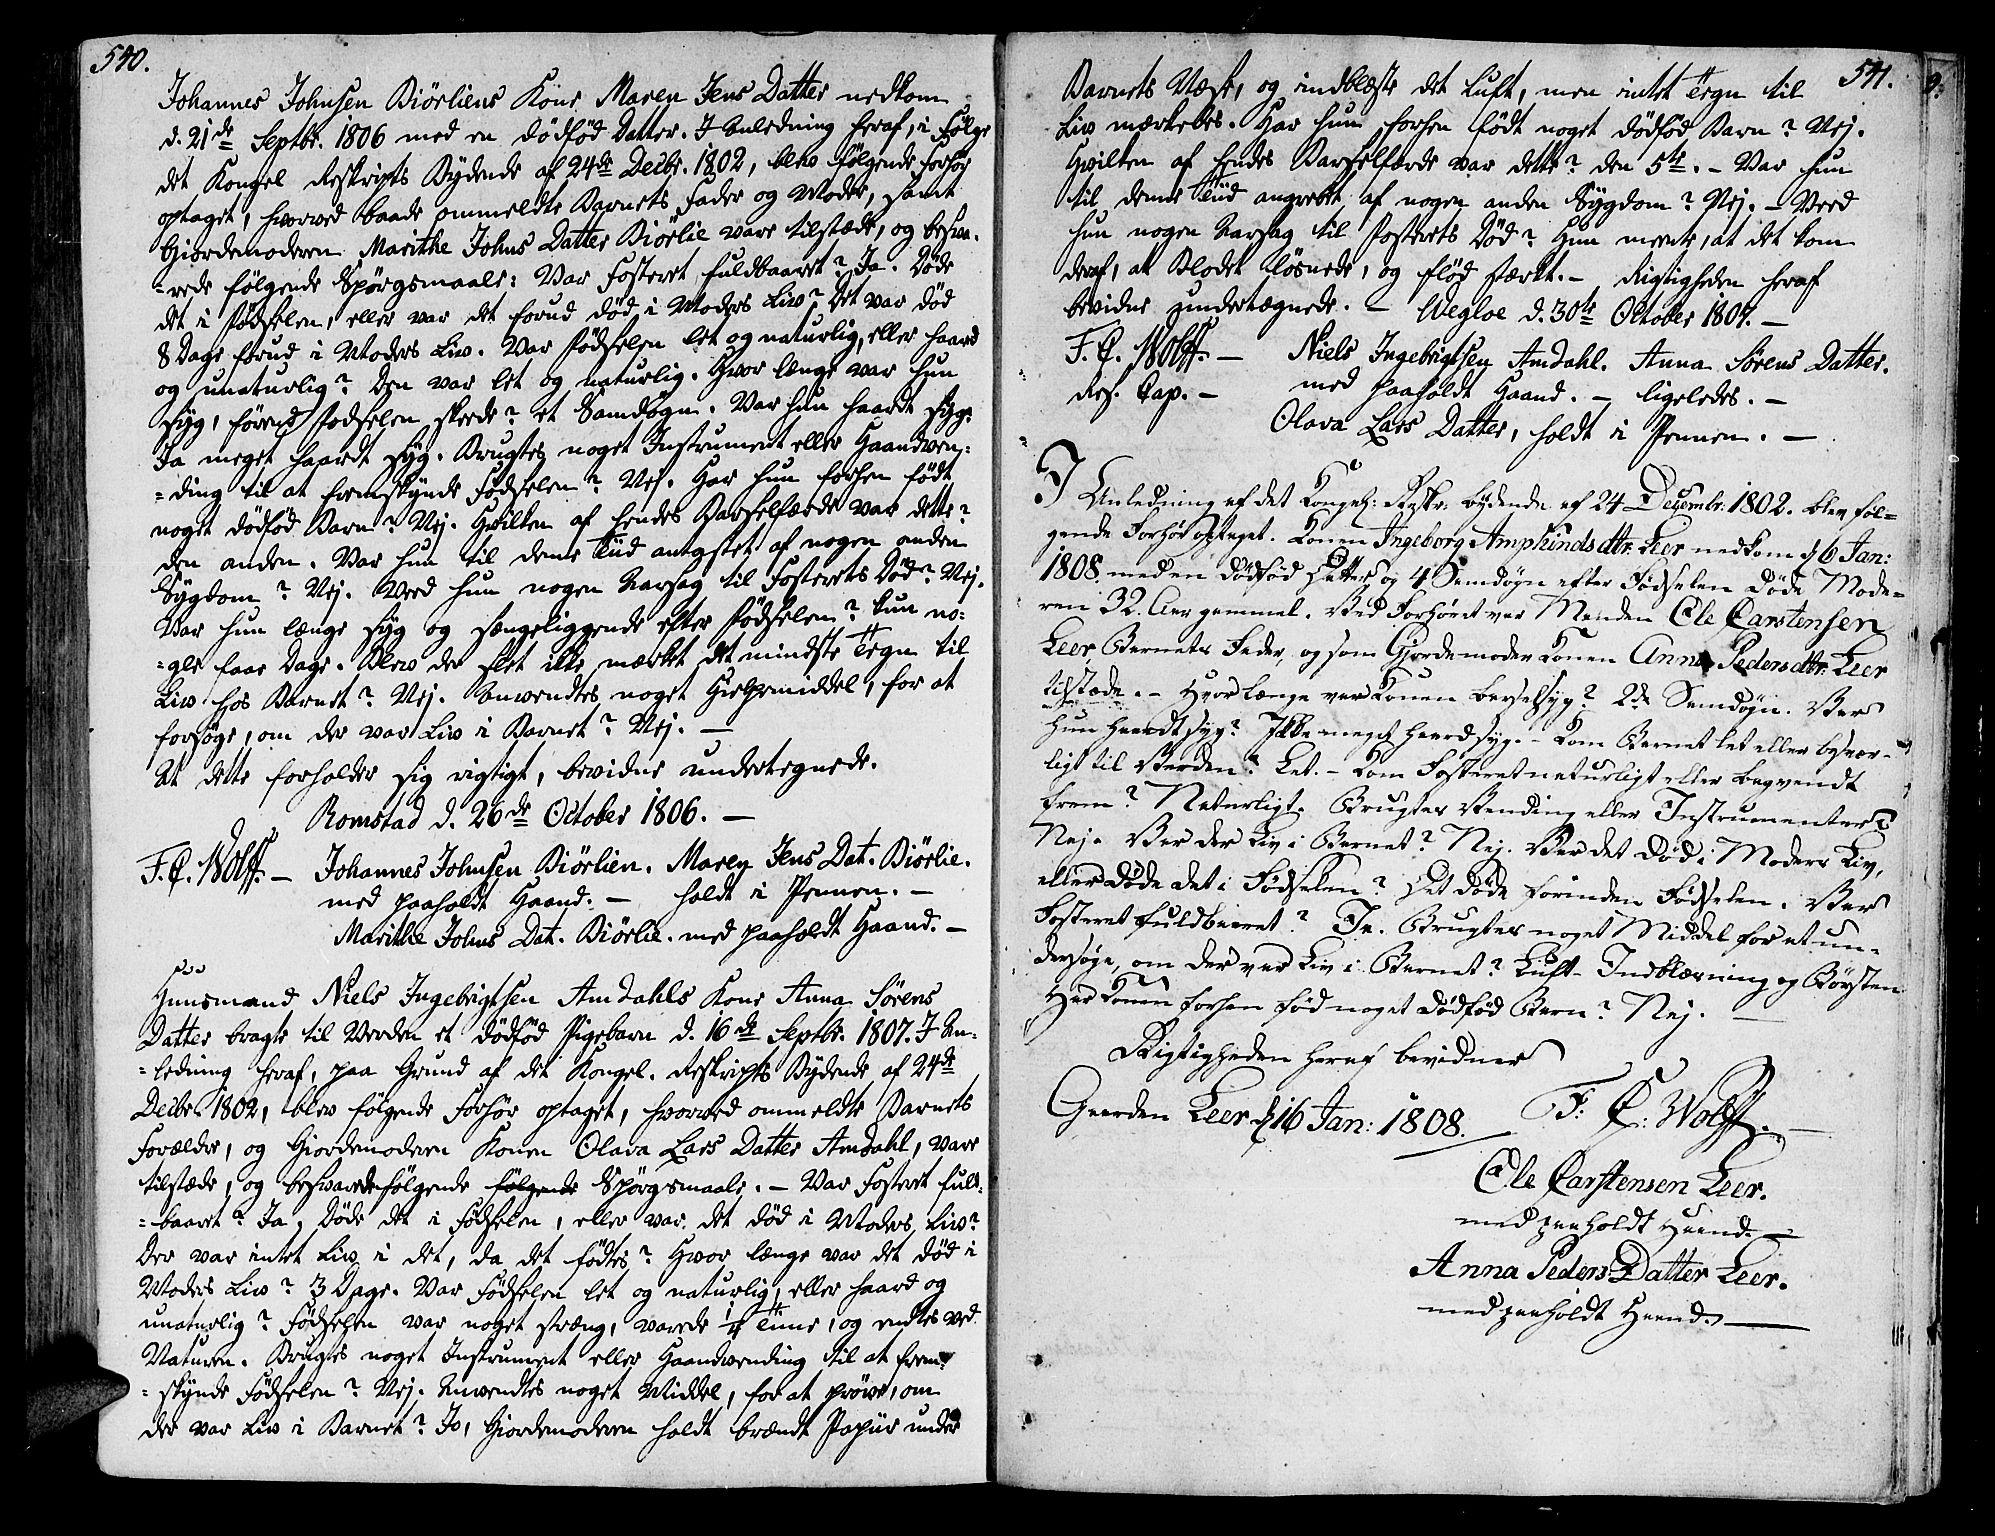 SAT, Ministerialprotokoller, klokkerbøker og fødselsregistre - Nord-Trøndelag, 764/L0545: Ministerialbok nr. 764A05, 1799-1816, s. 540-541